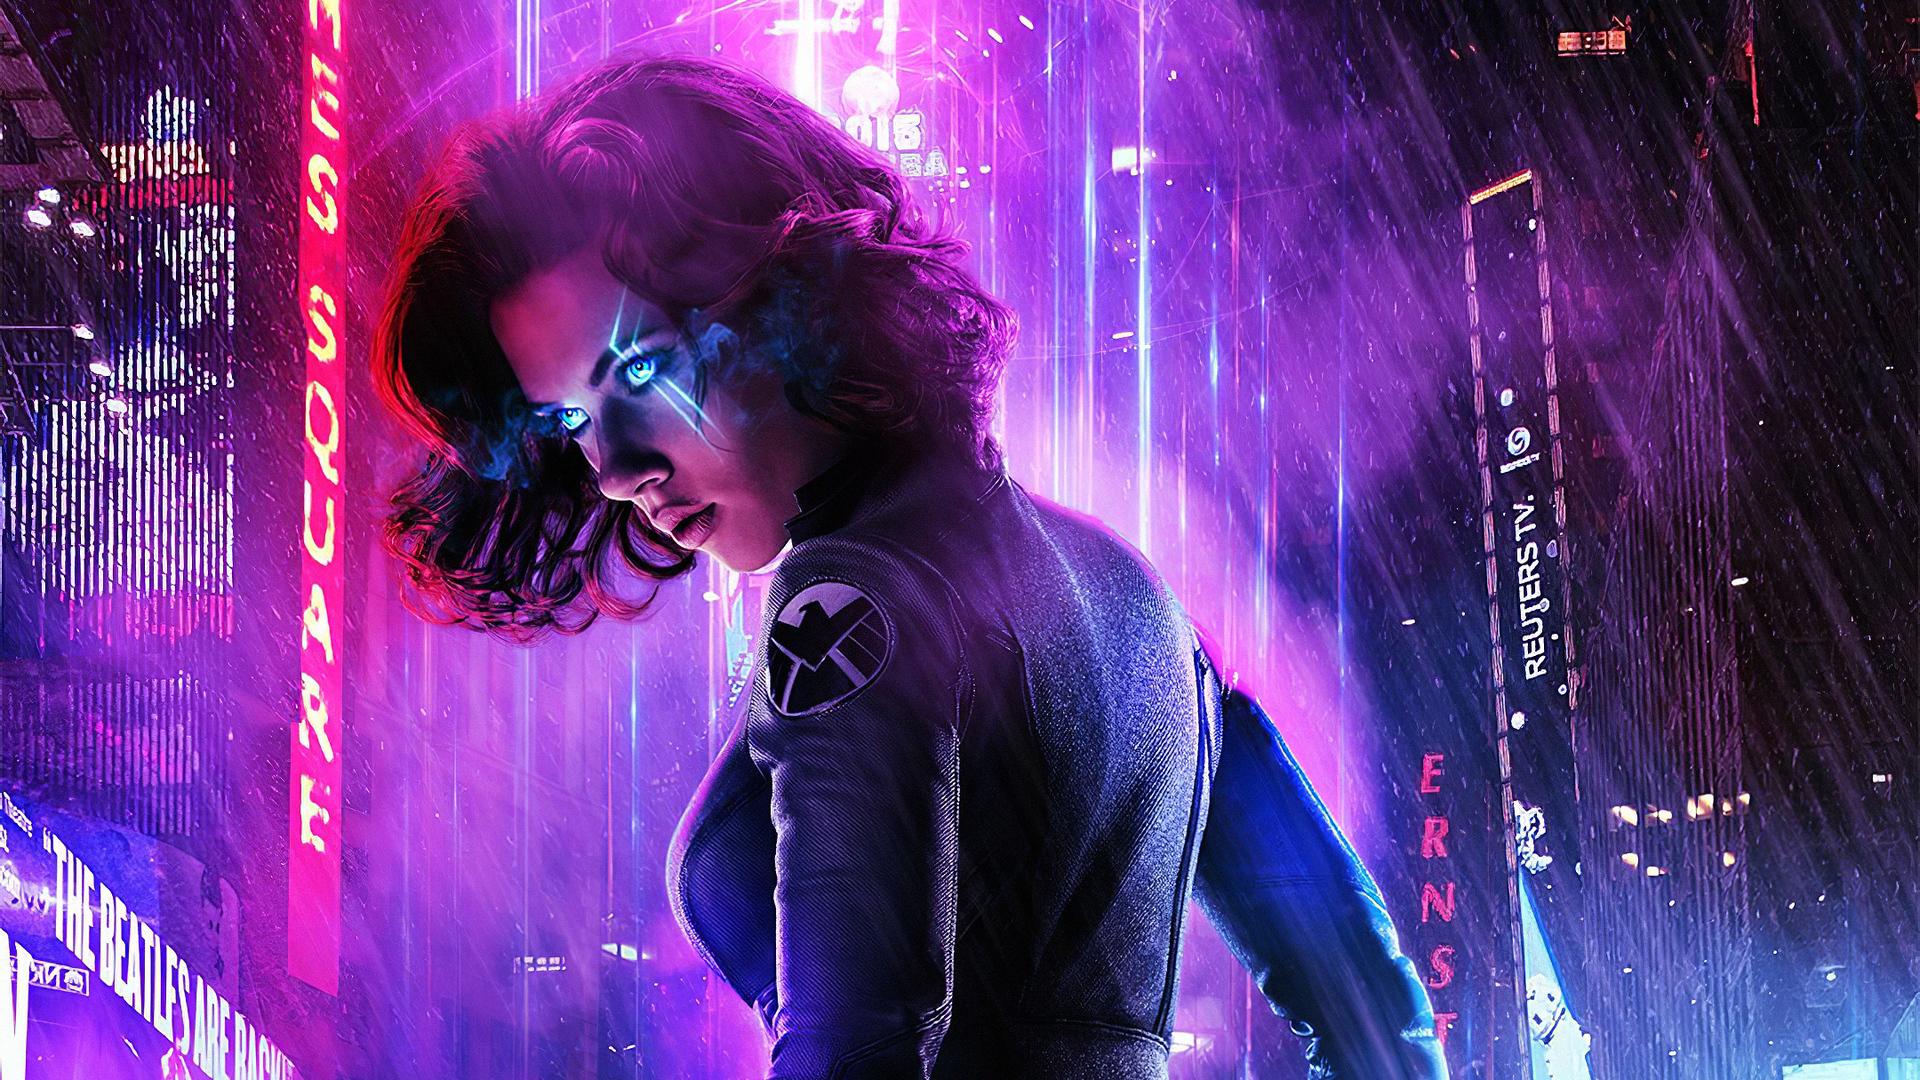 cyberpunk-black-widow-py.jpg